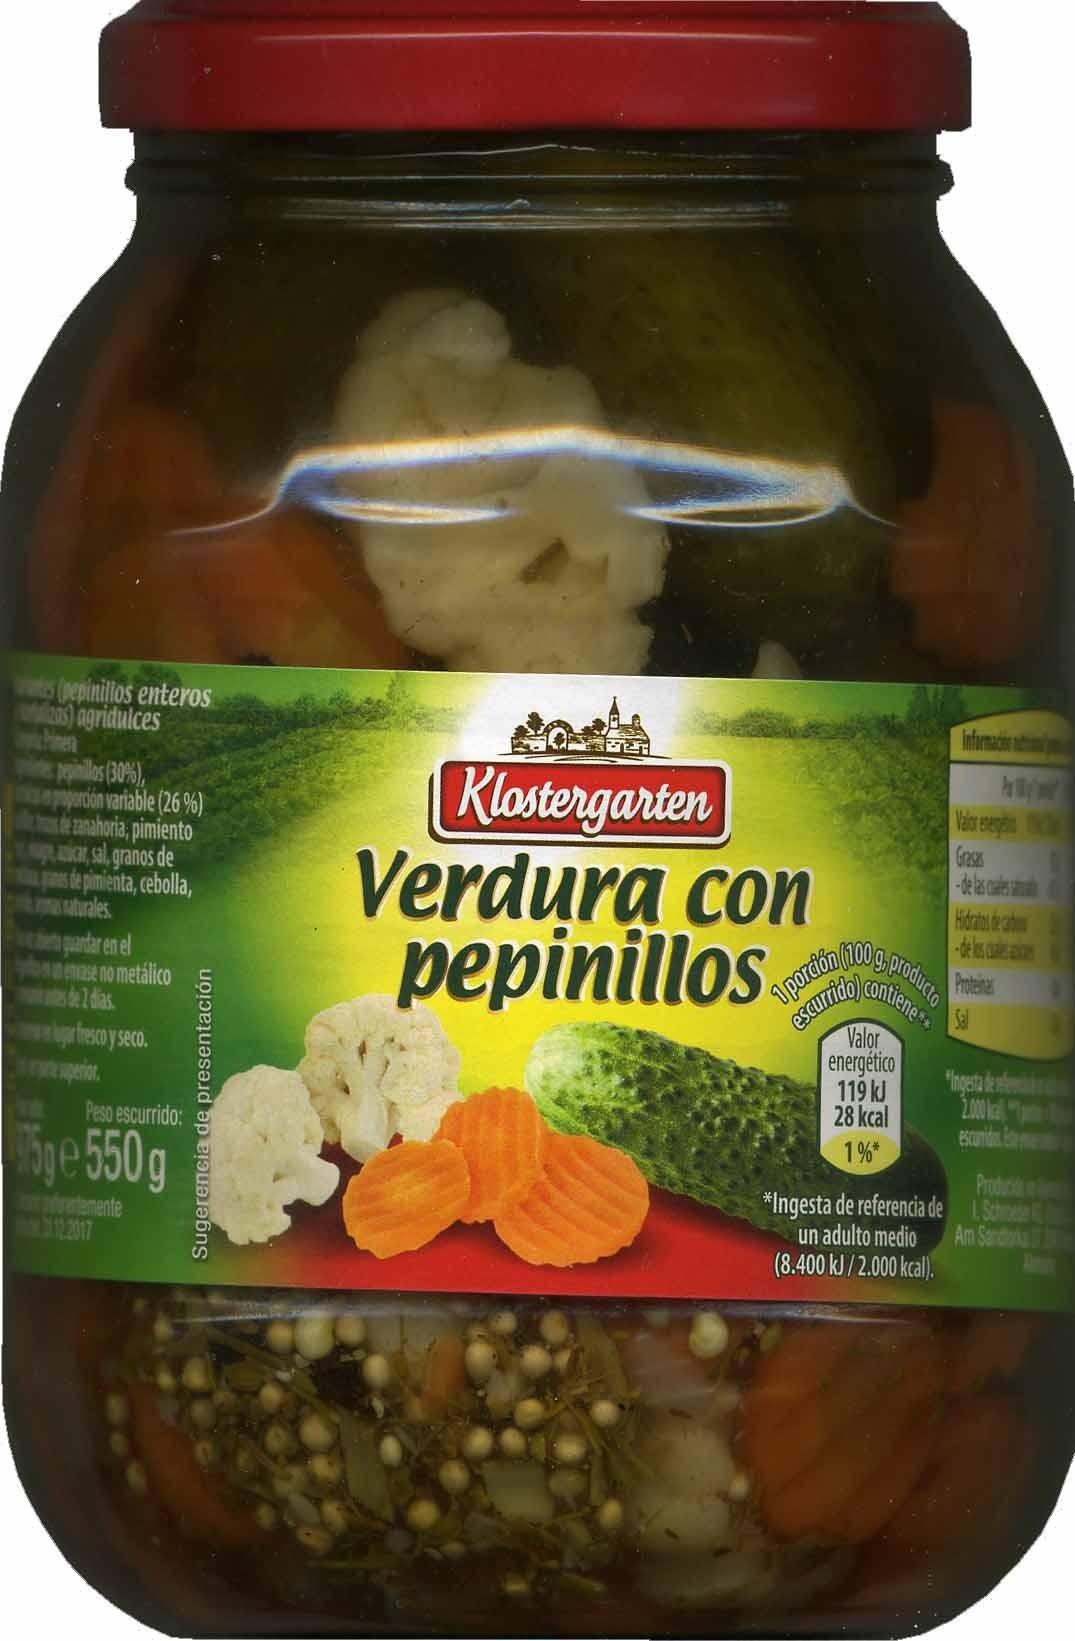 Verdura con pepinillos - Produit - es